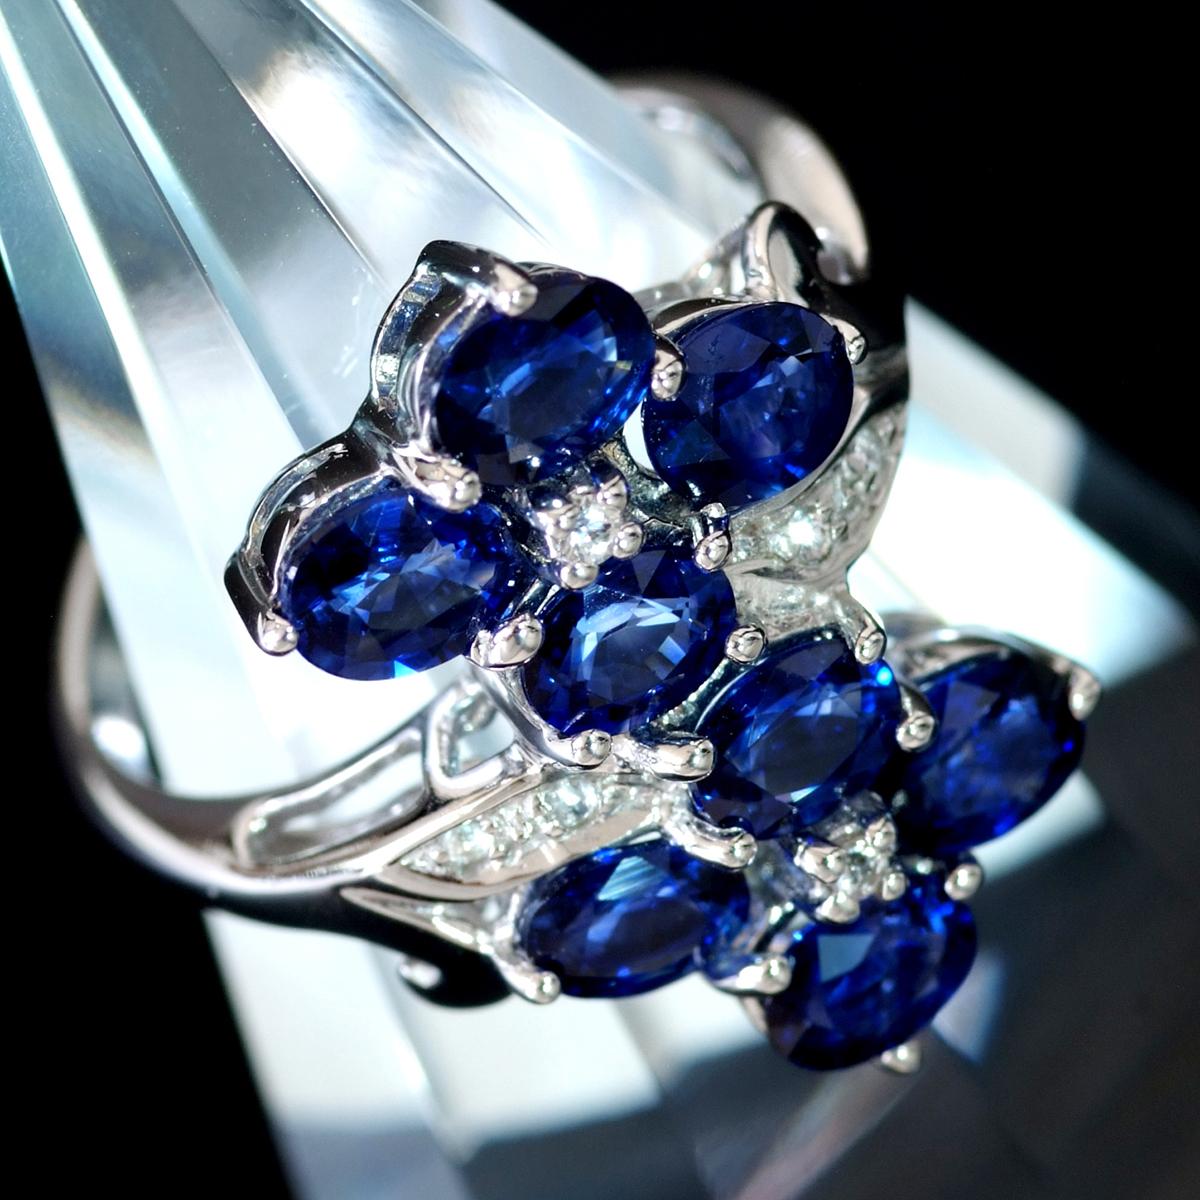 E8343 逸品ロイヤルブルー系サファイア8pcs 天然上質ダイヤモンド6pcs 最高級14金WG無垢リング サイズ12号 重量4.13g 縦幅19.4mm_画像2